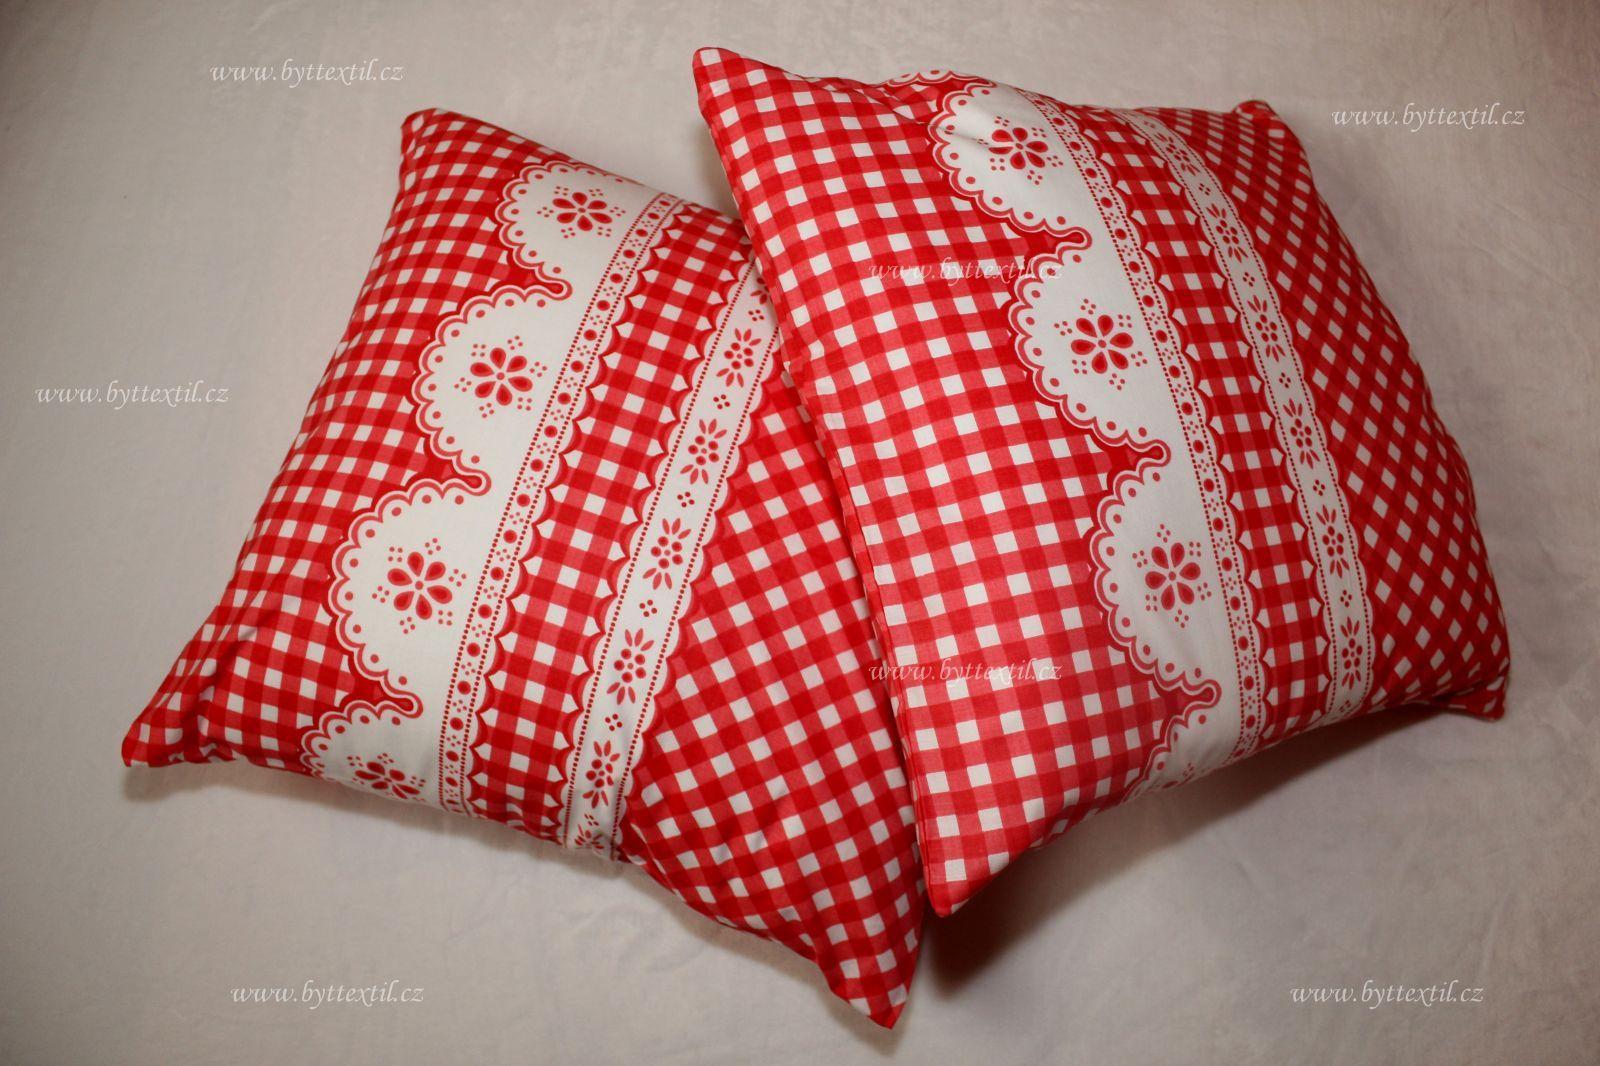 Bavlněný povlak Kanafas kostička červená český výrobce